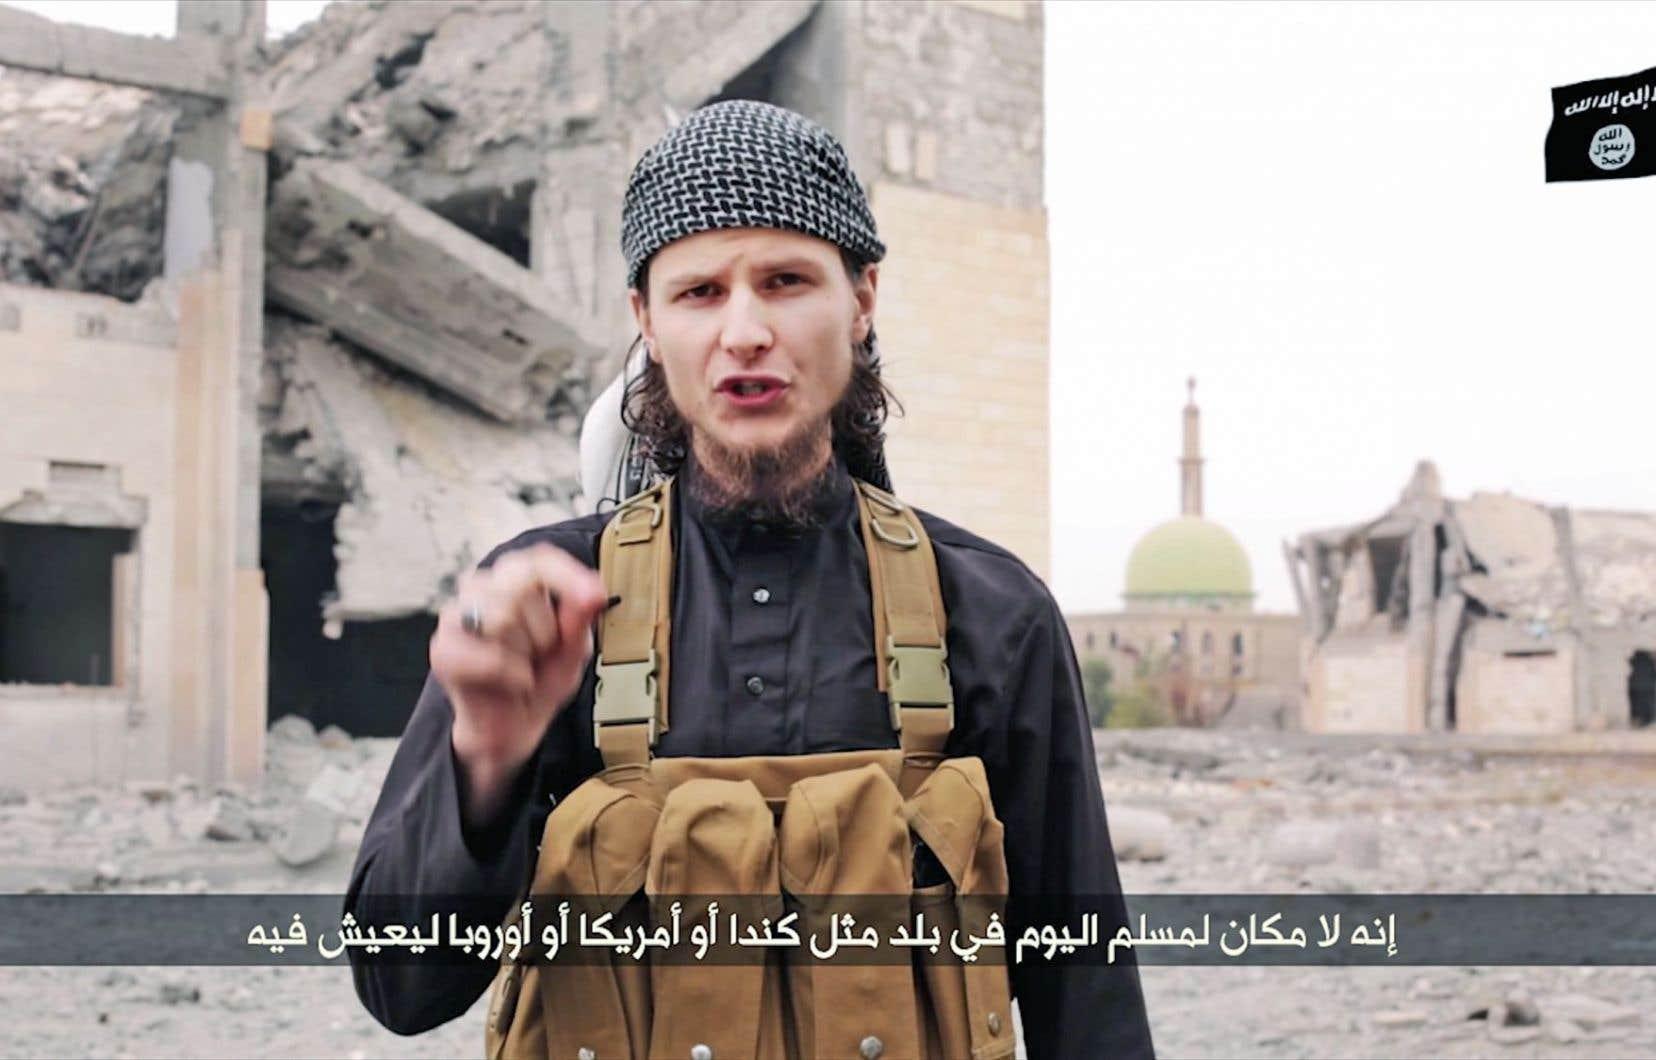 L'Ontarien John Maguire se serait converti à l'islam et radicalisé. Selon la GRC, il se serait acheté un billet d'avion d'aller simple pour la Syrie l'an dernier.